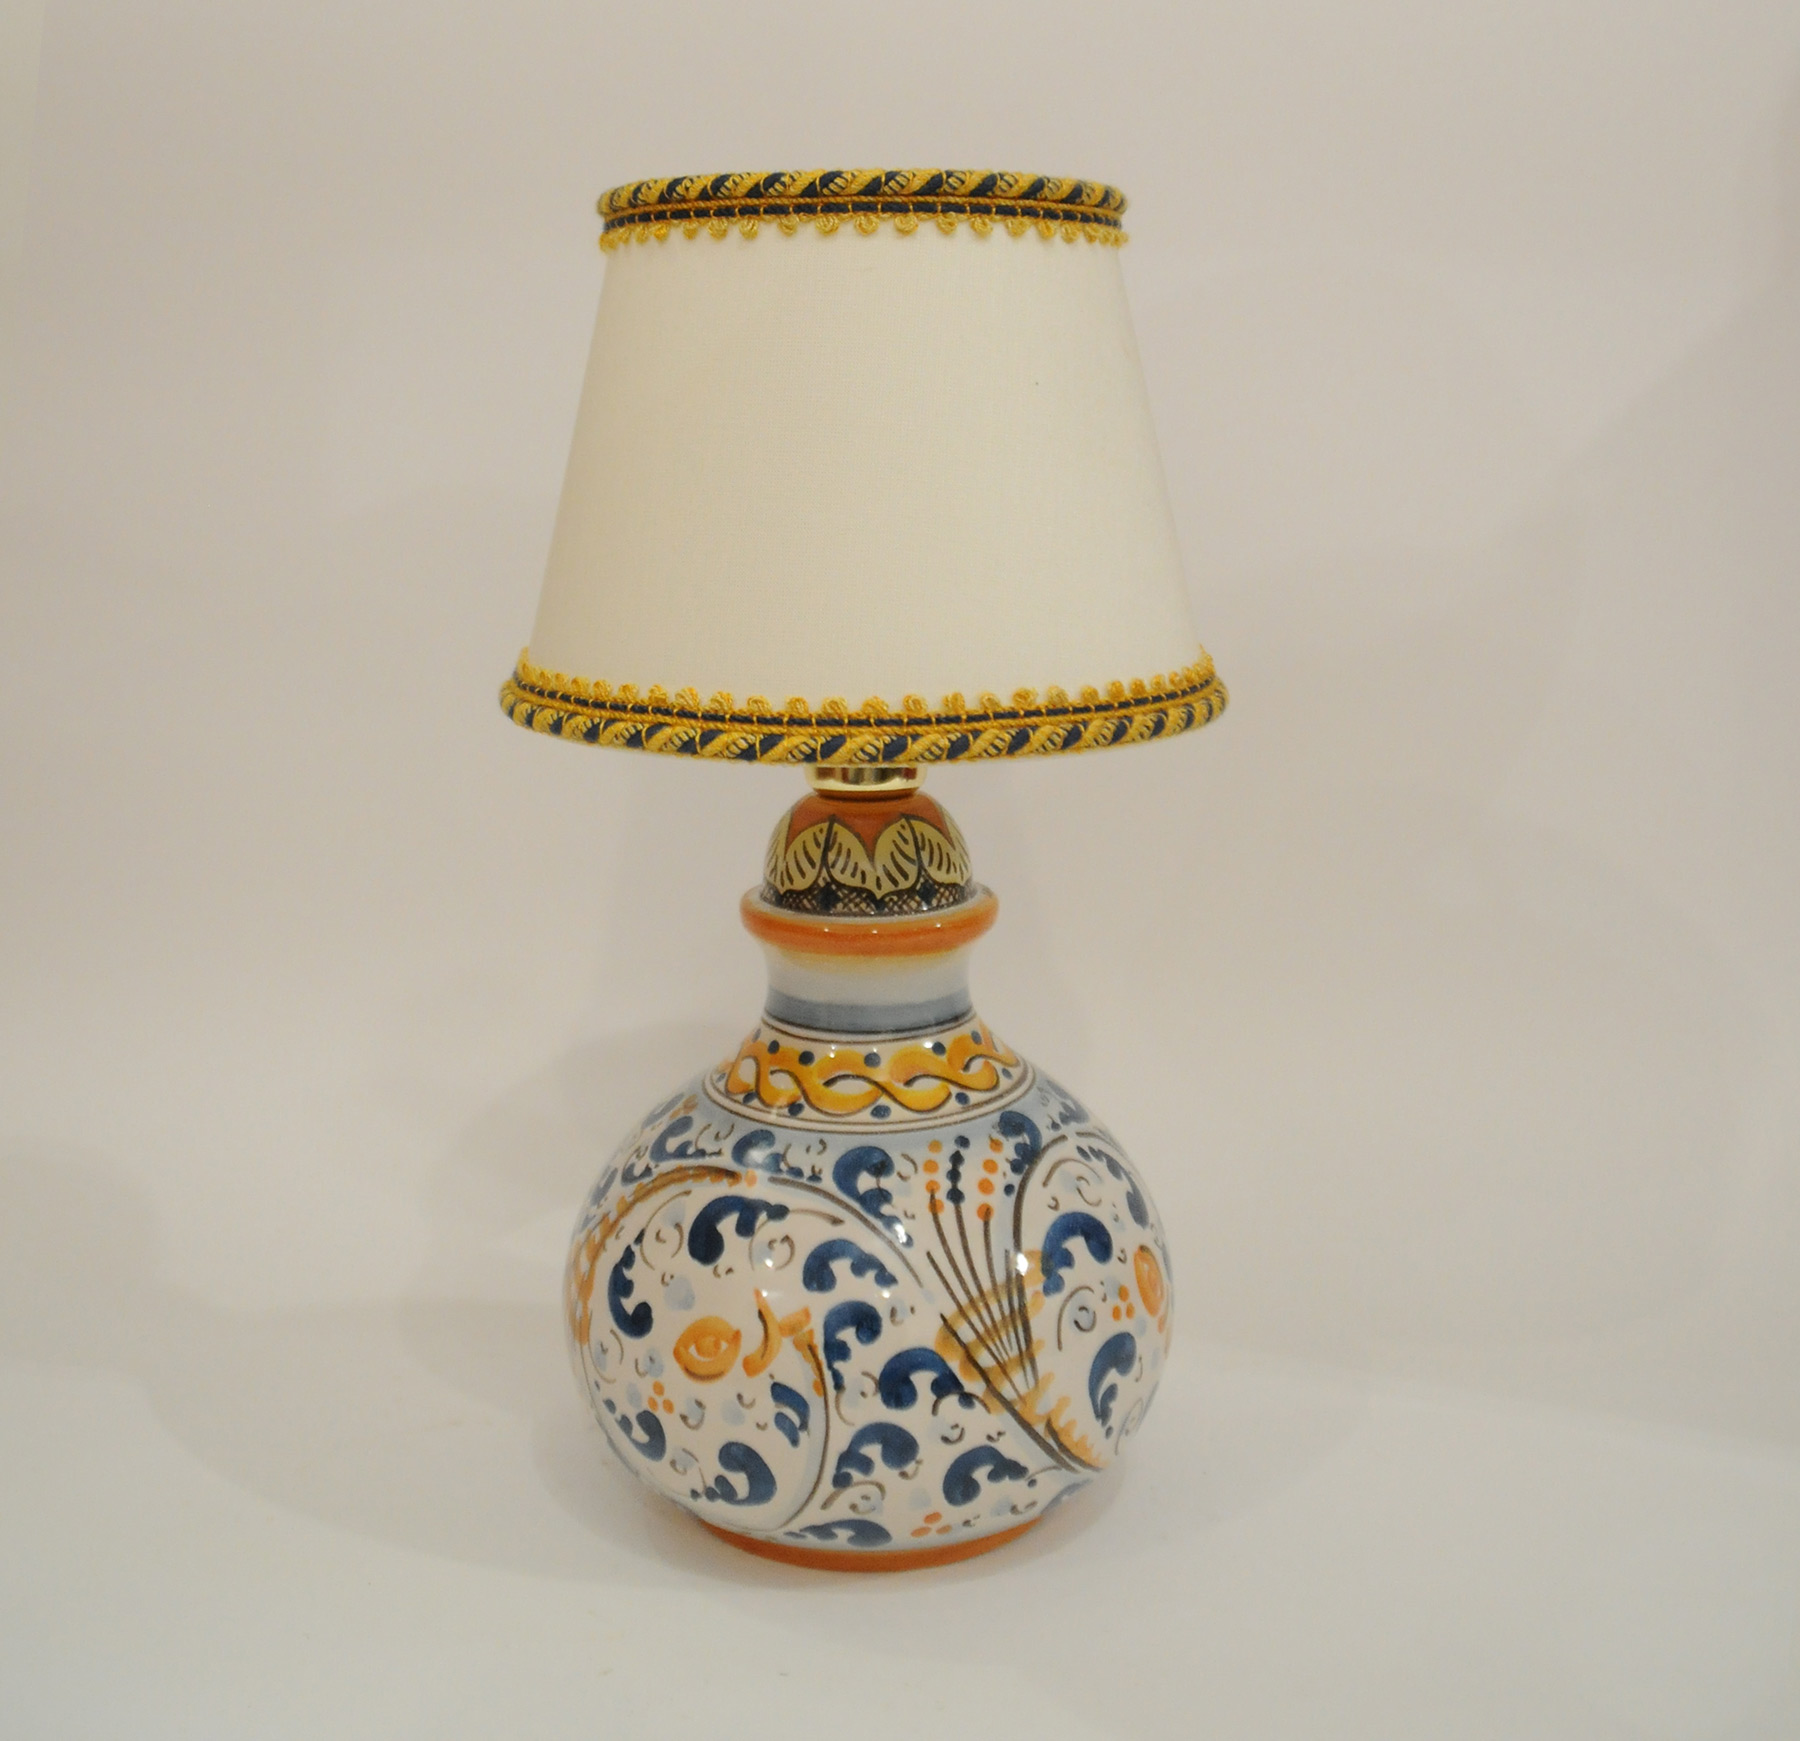 Lampadario Ceramica Di Caltagirone.Lampada Con Paralume Ceramica Di Caltagirone Decoro Blu Bianco E